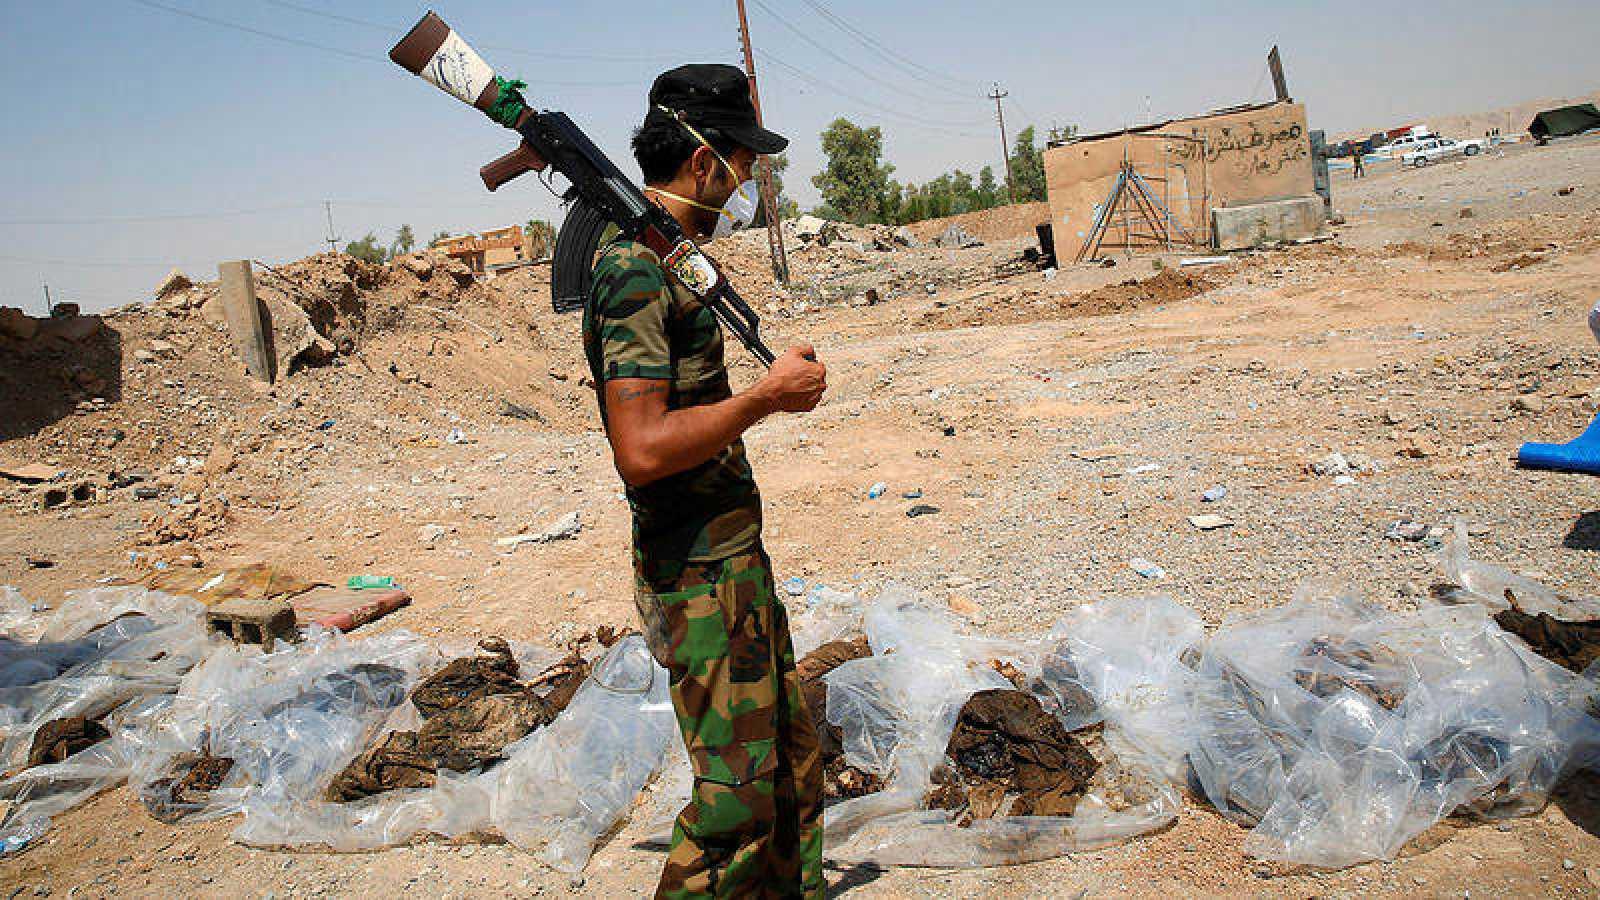 Fosa común a las afueras de la ciudad de Suleiman Pek, en Irak. REUTERS/Ahmed Jadallah